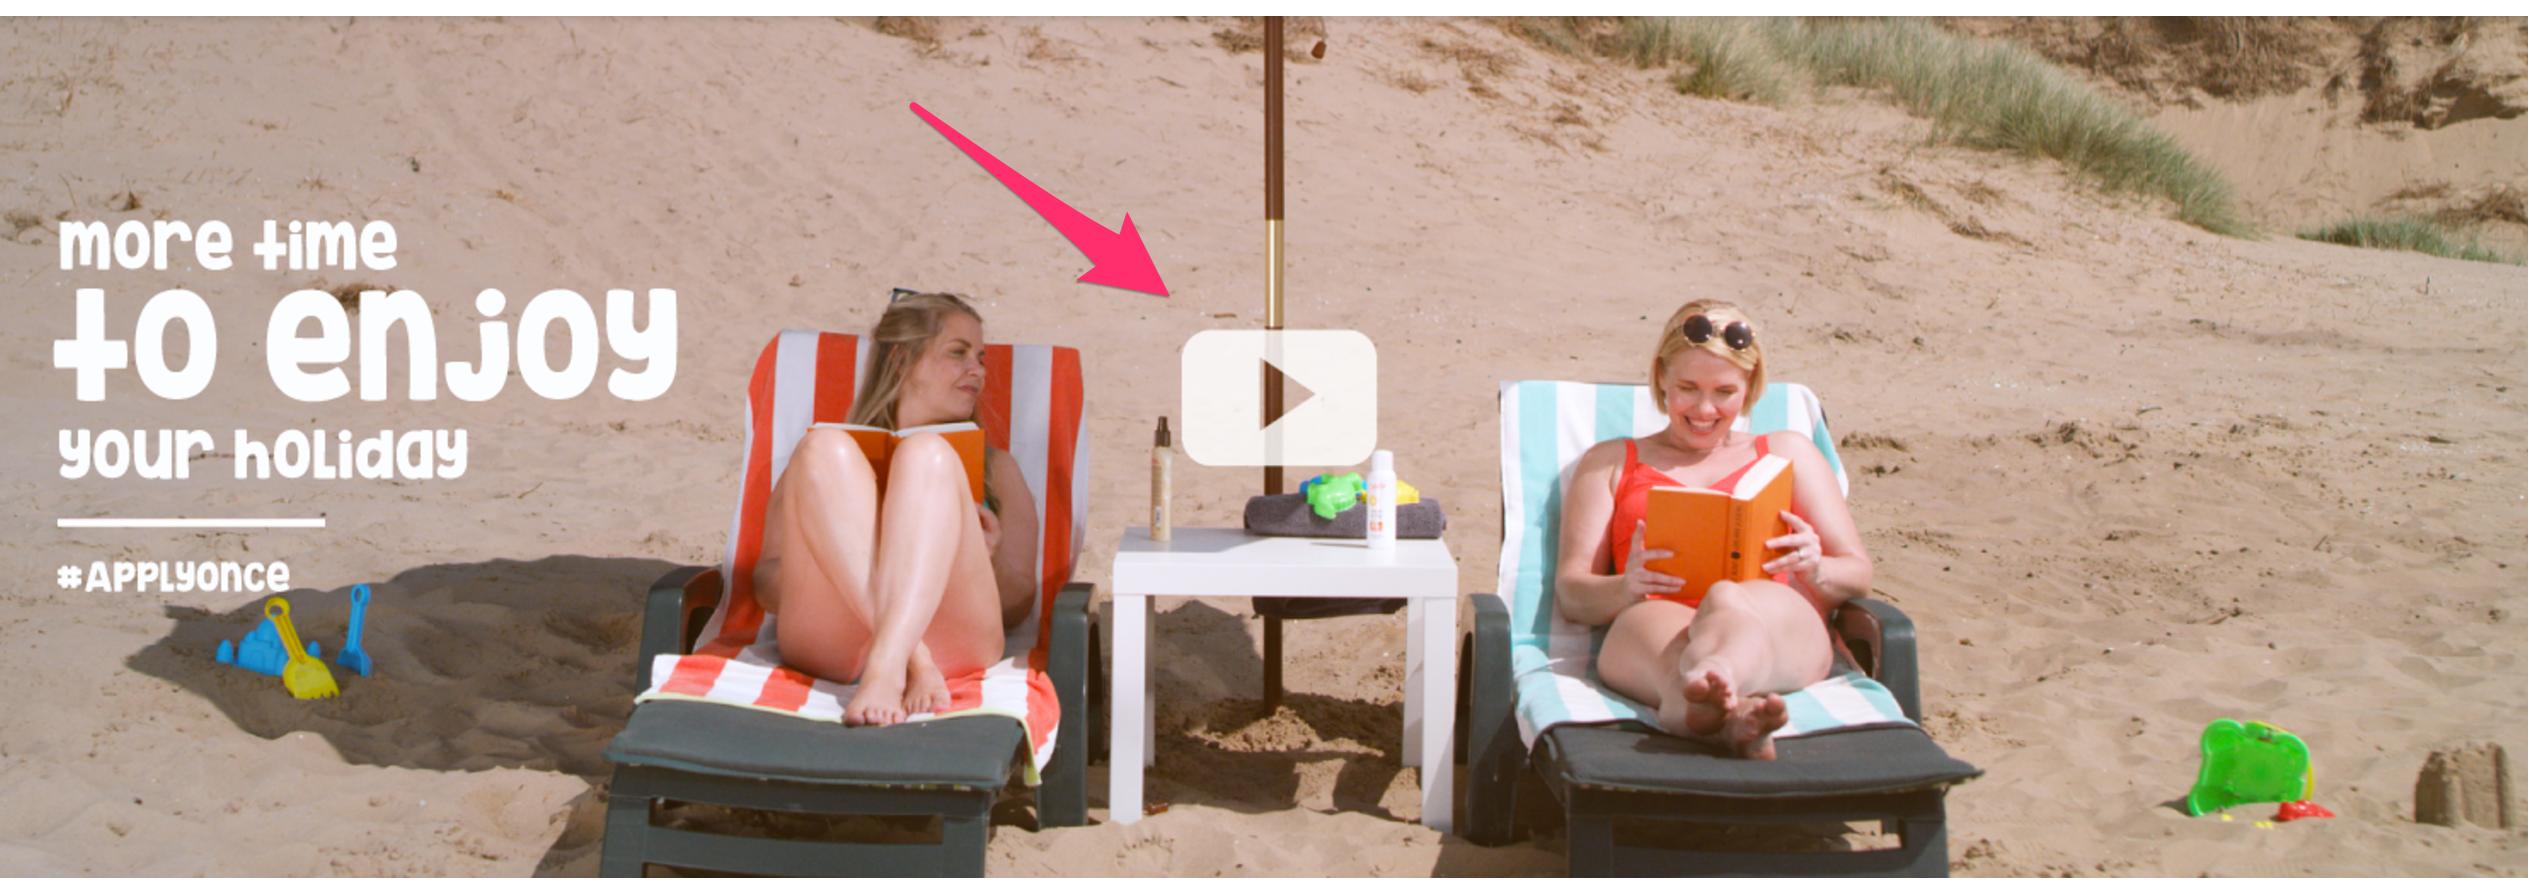 Slider image link to video